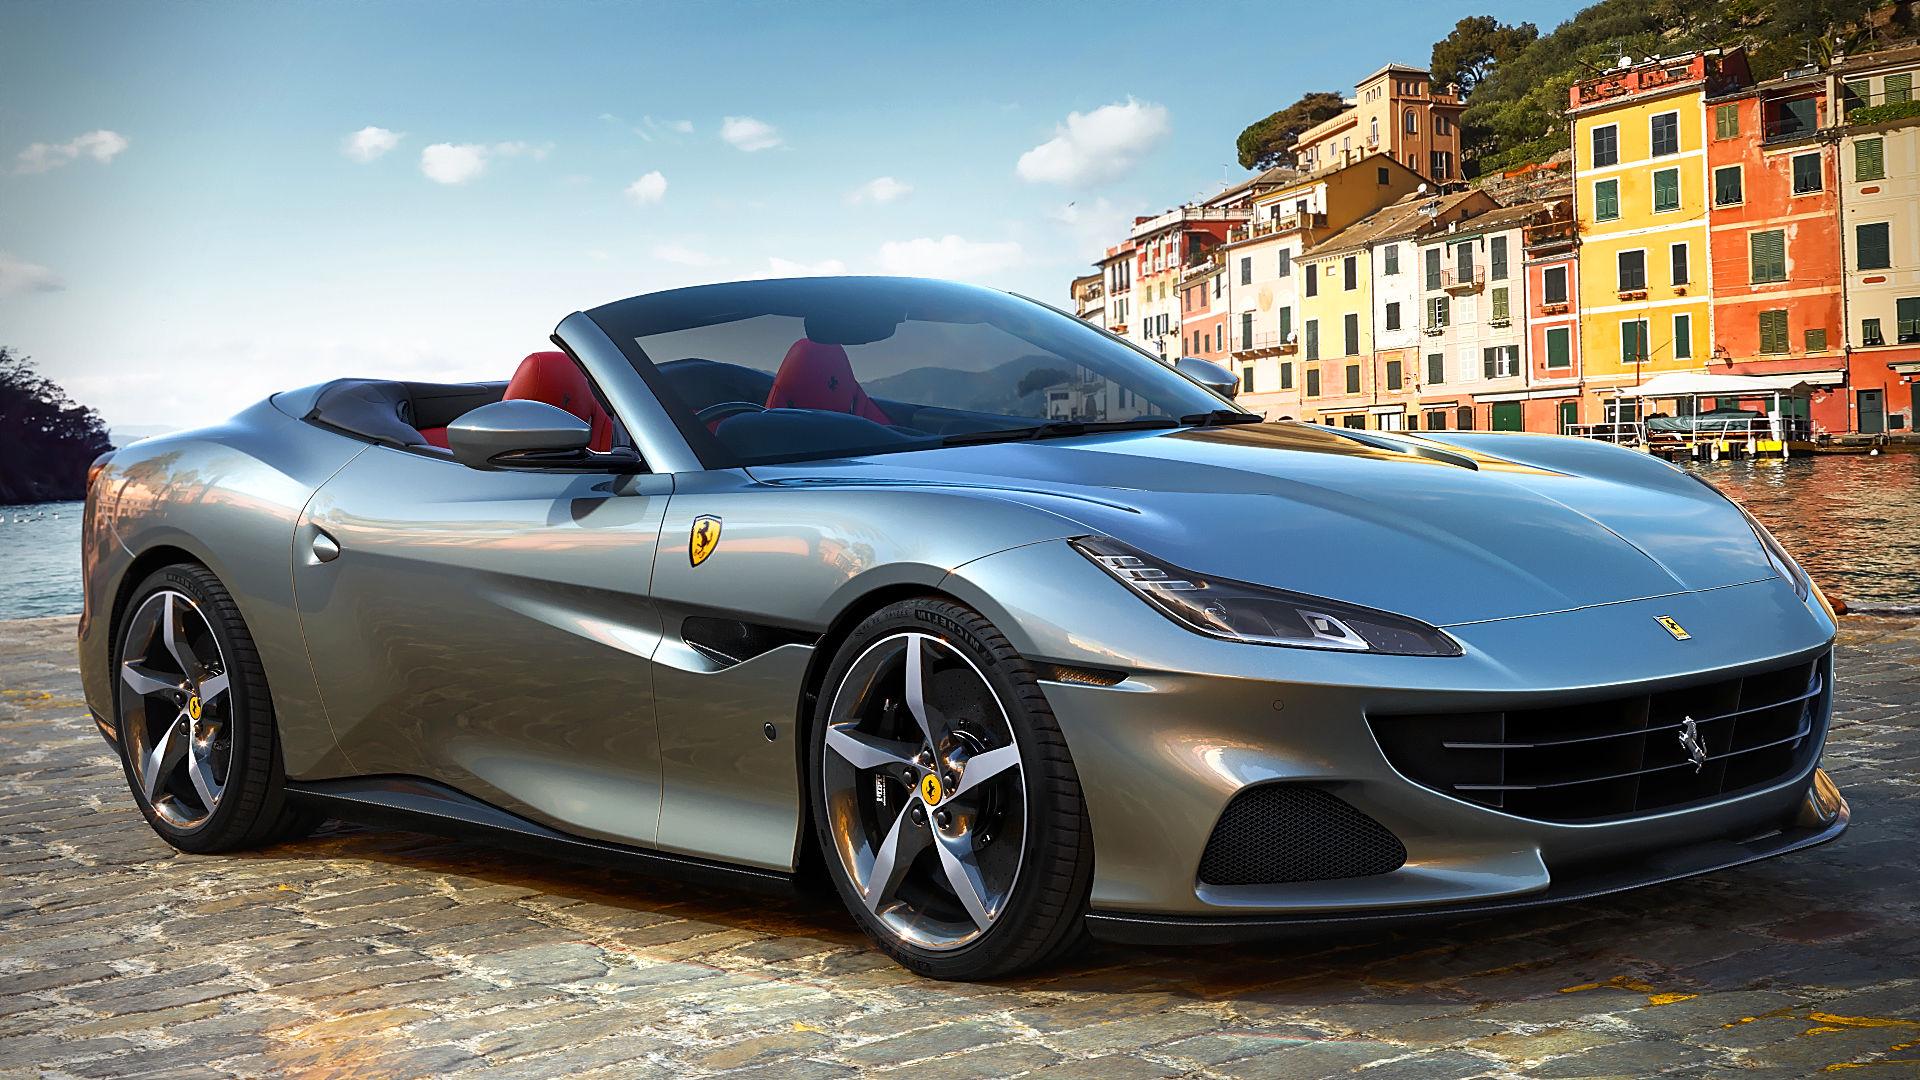 2021 Ferrari Portofino M Specs Wallpaper